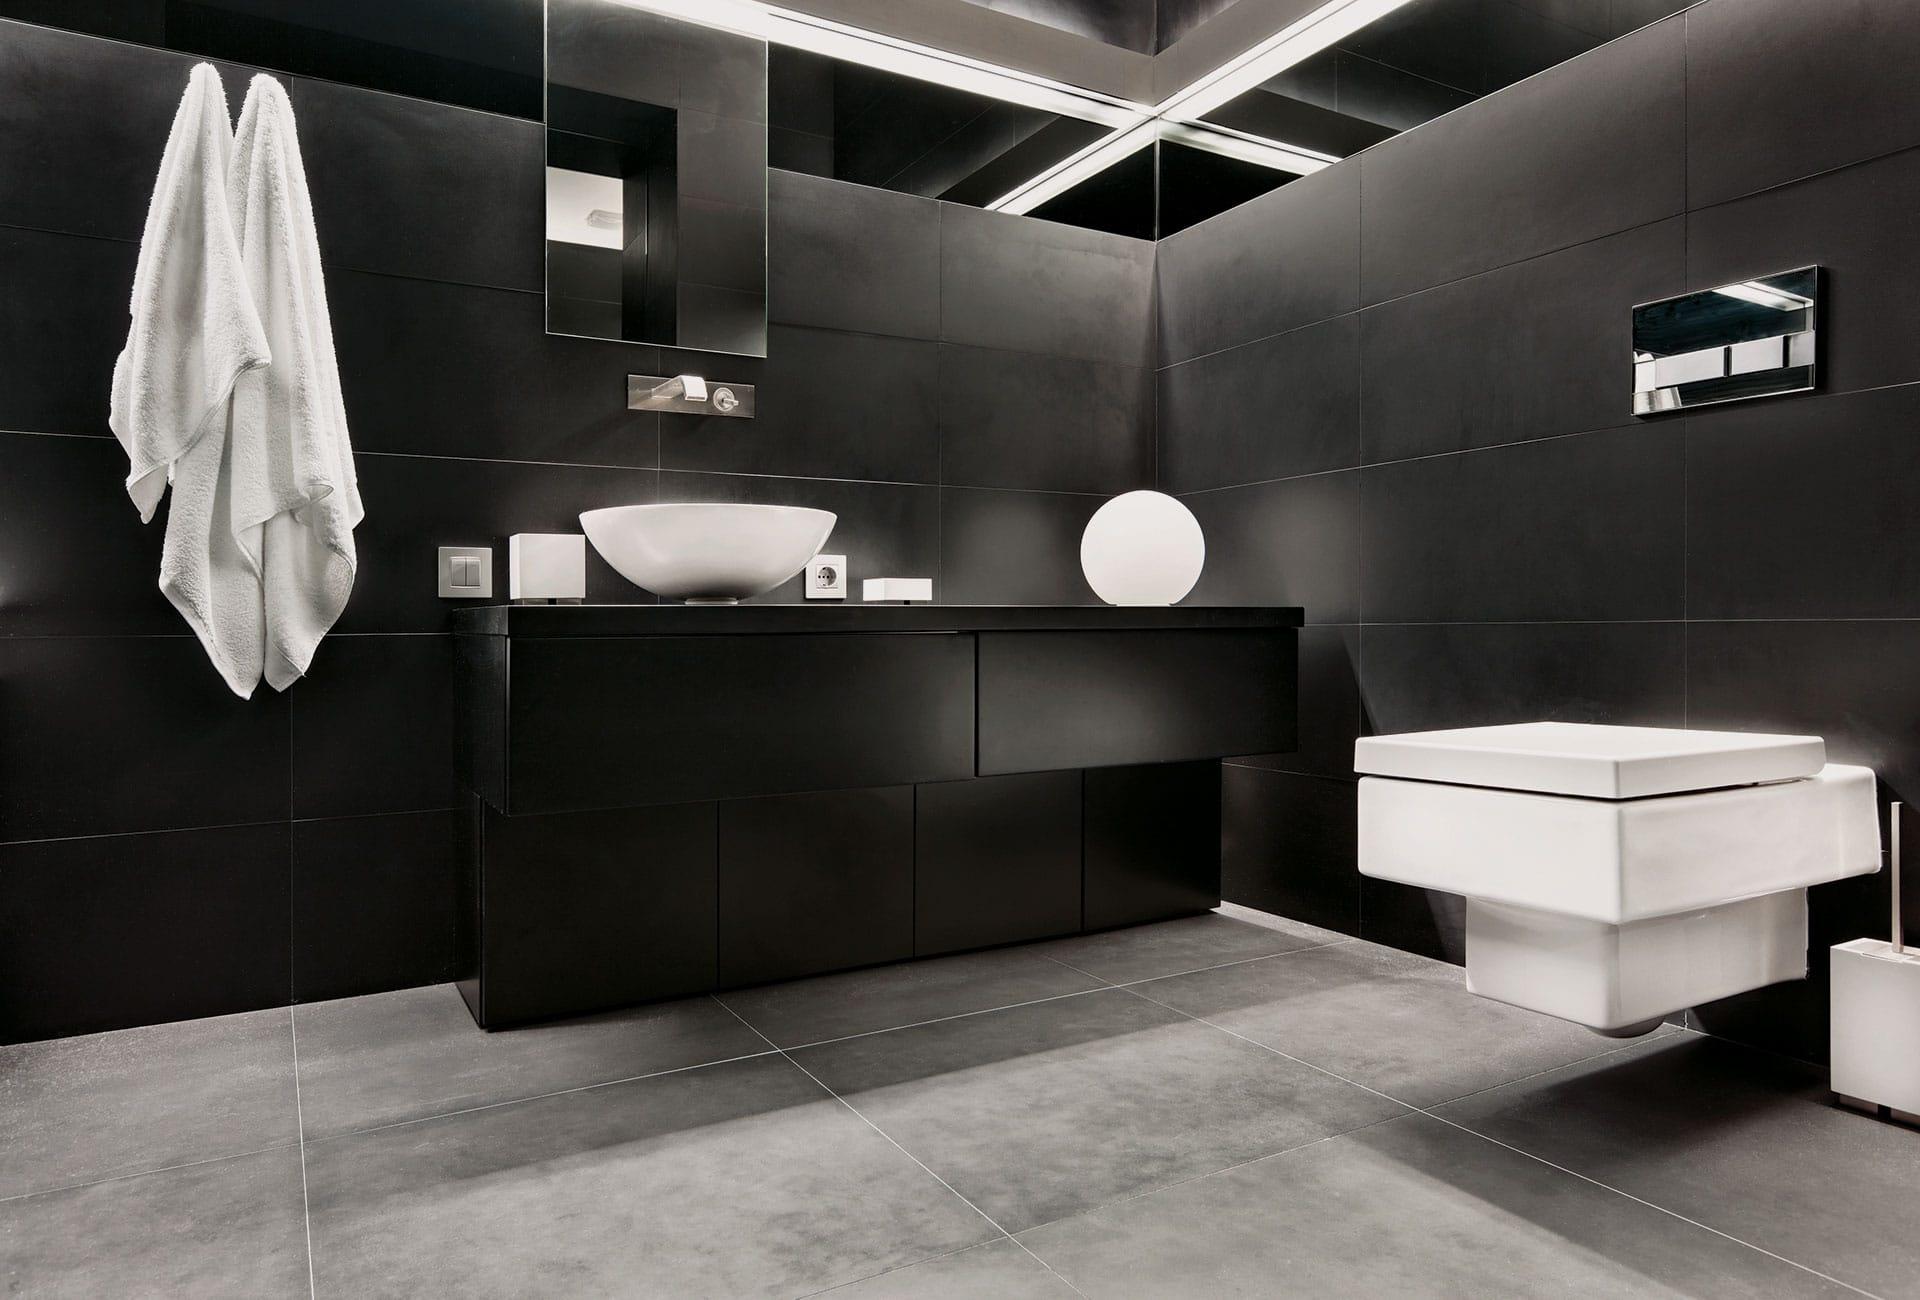 bagni neri, giochi di contrasti per una stanza da bagno elegante e ... - Bagni Moderni Neri